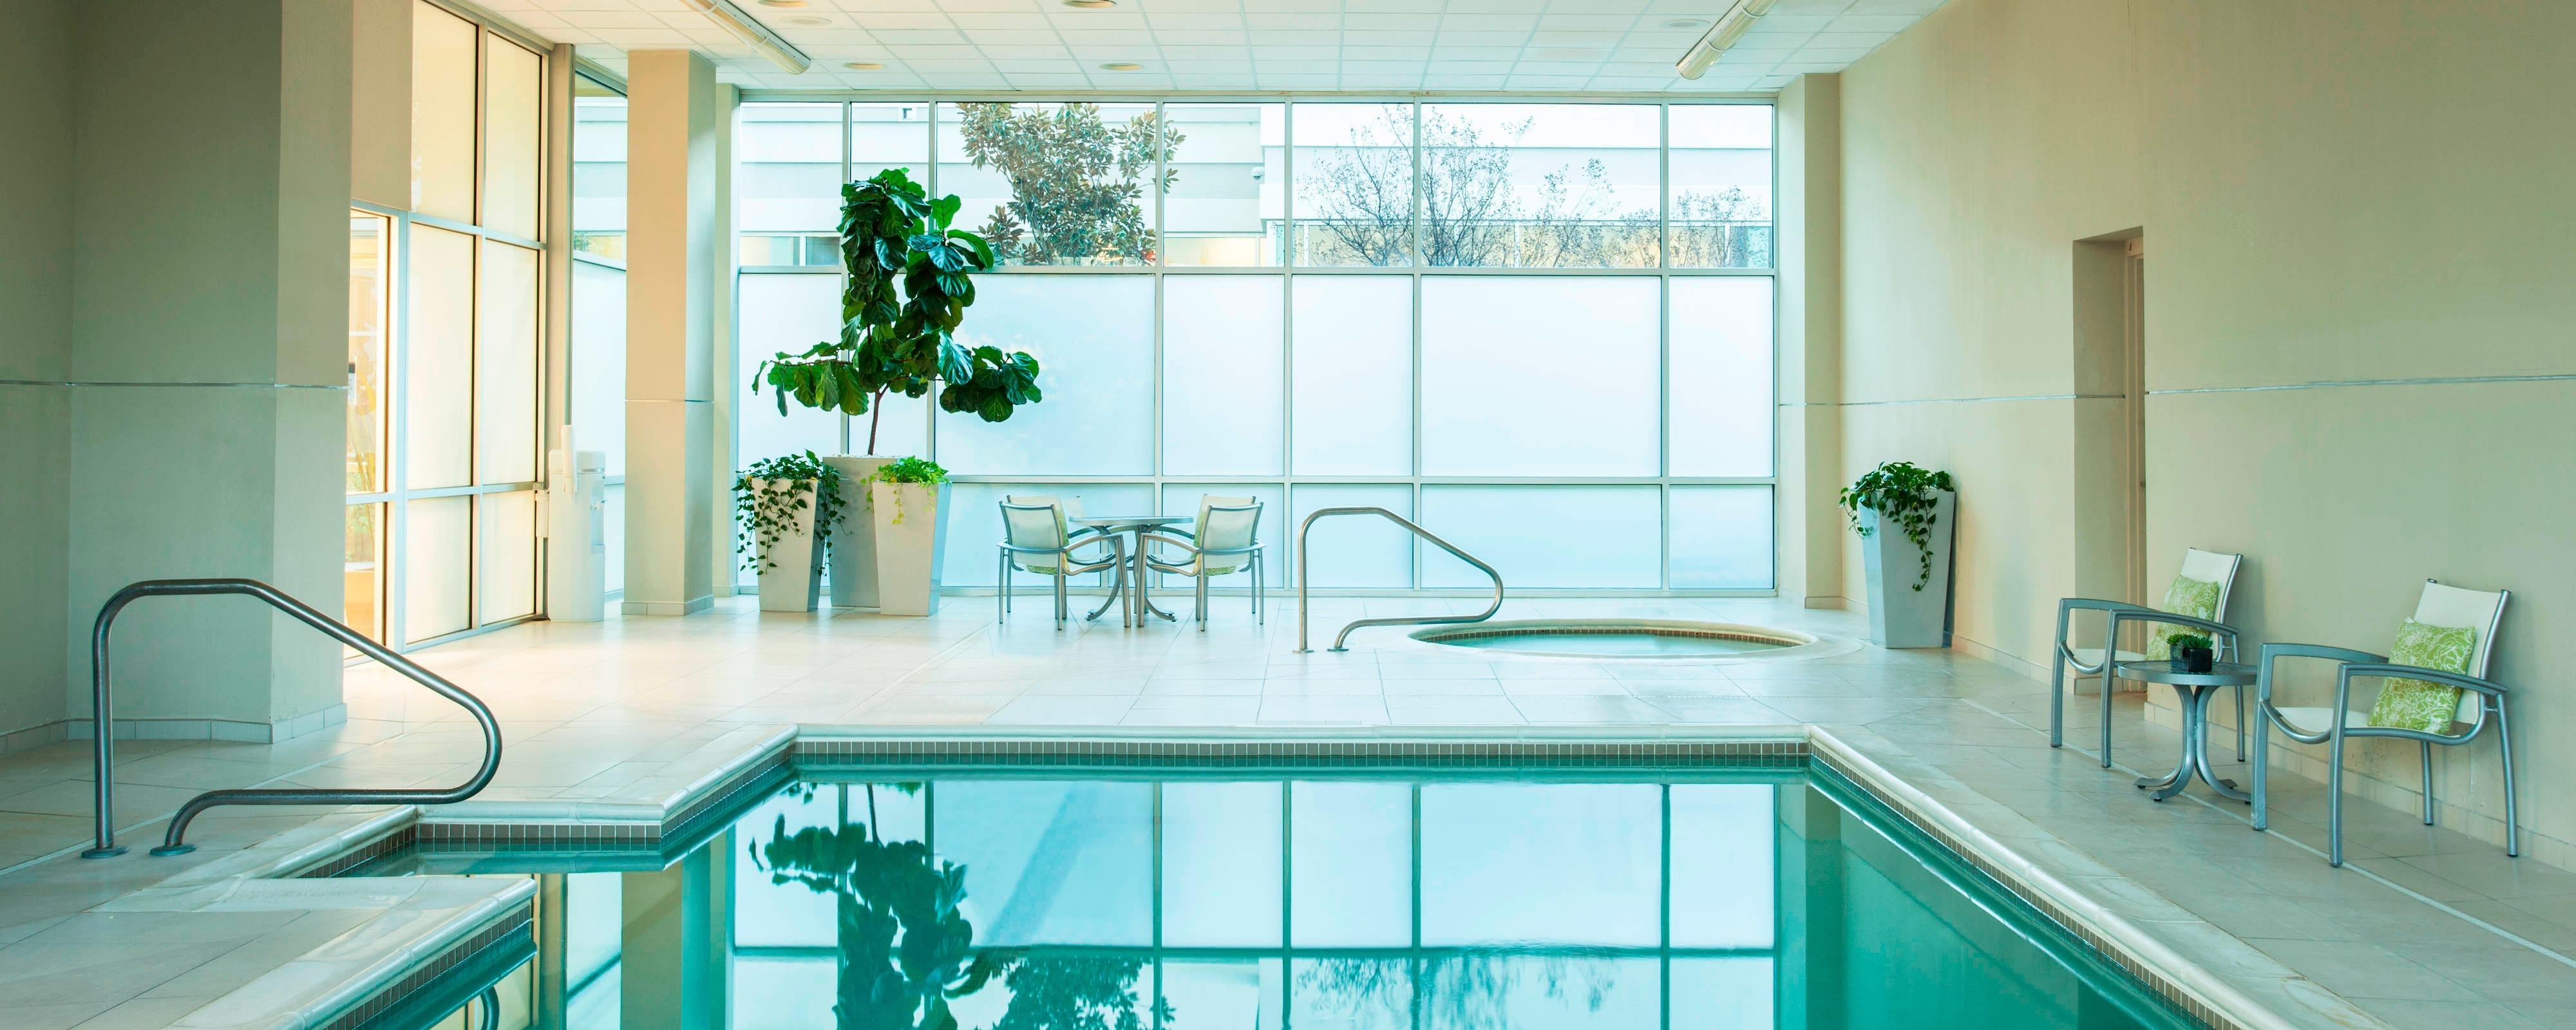 Pool und Sprudelbad